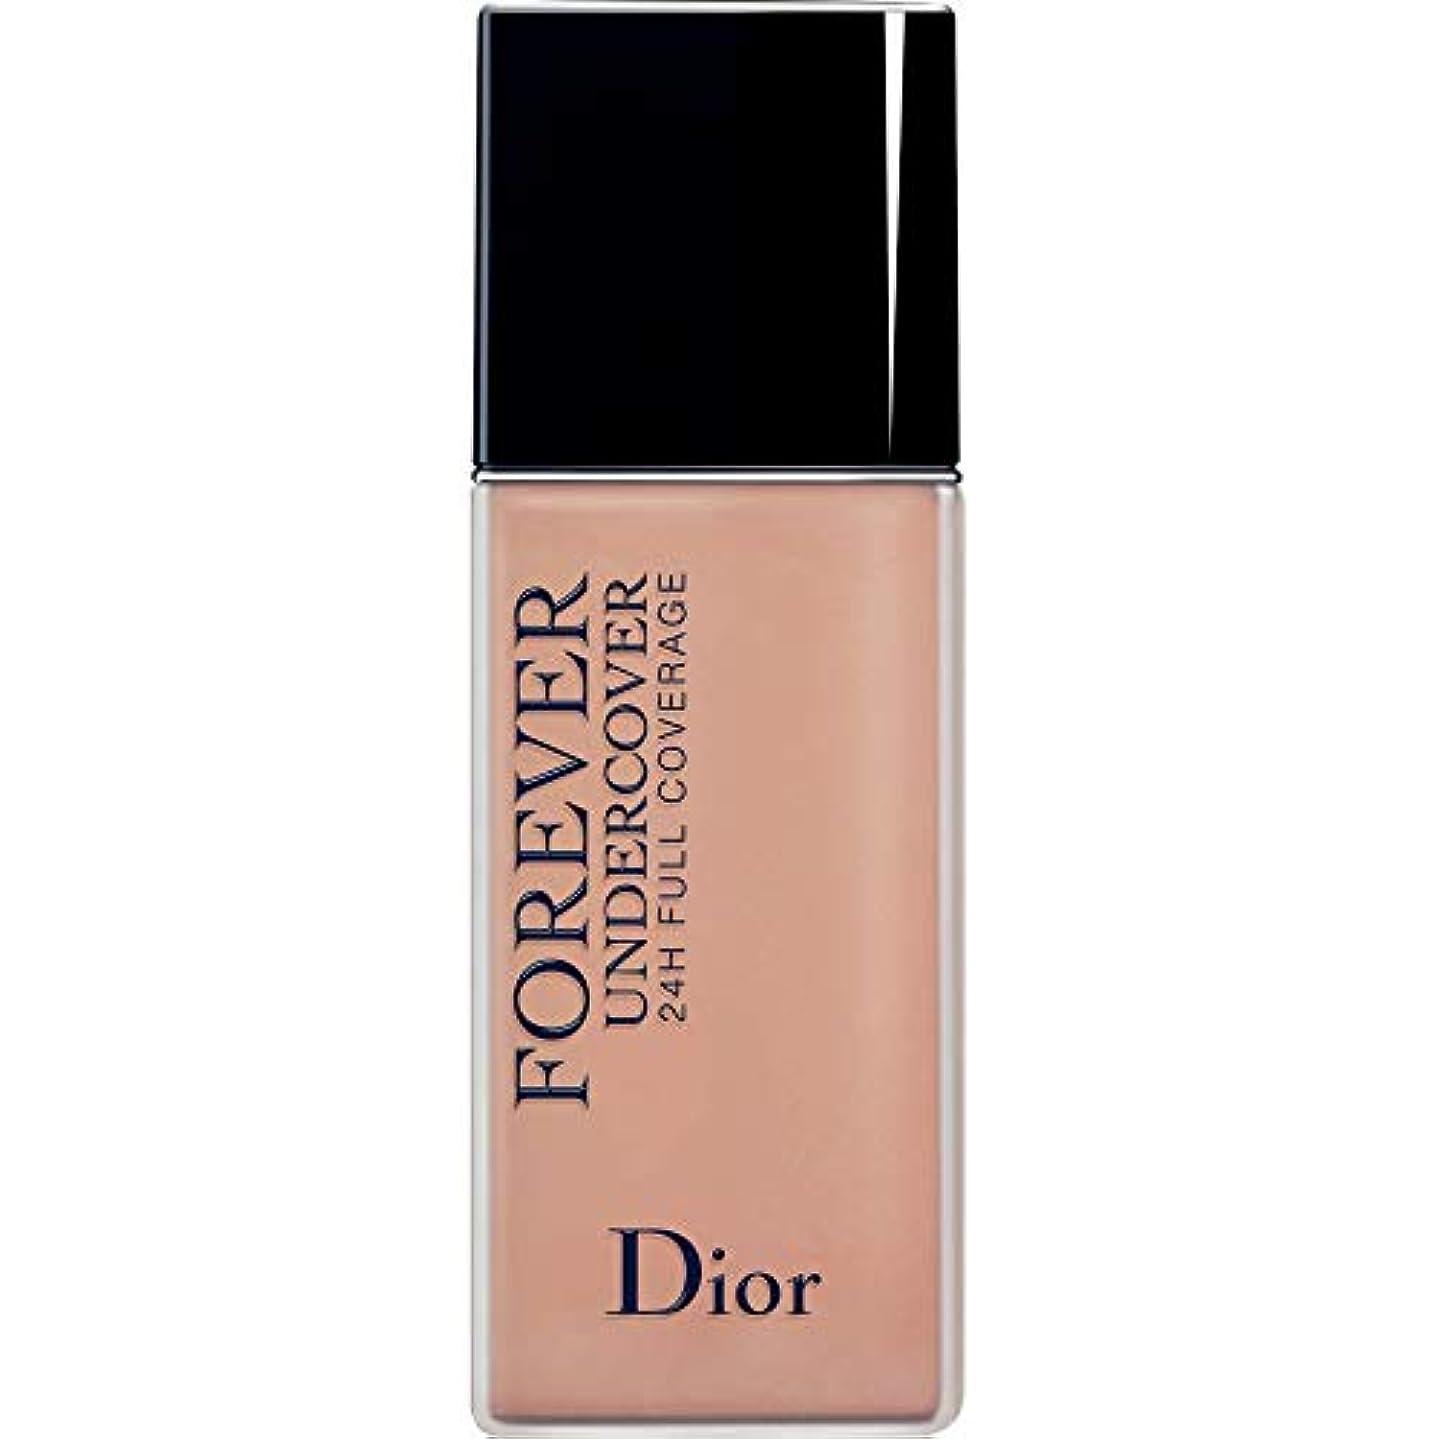 連隊思慮深いハンサム[Dior ] ディオールディオールスキン永遠アンダーカバーフルカバーの基礎40ミリリットル034 - アーモンドベージュ - DIOR Diorskin Forever Undercover Full Coverage Foundation 40ml 034 - Almond Beige [並行輸入品]